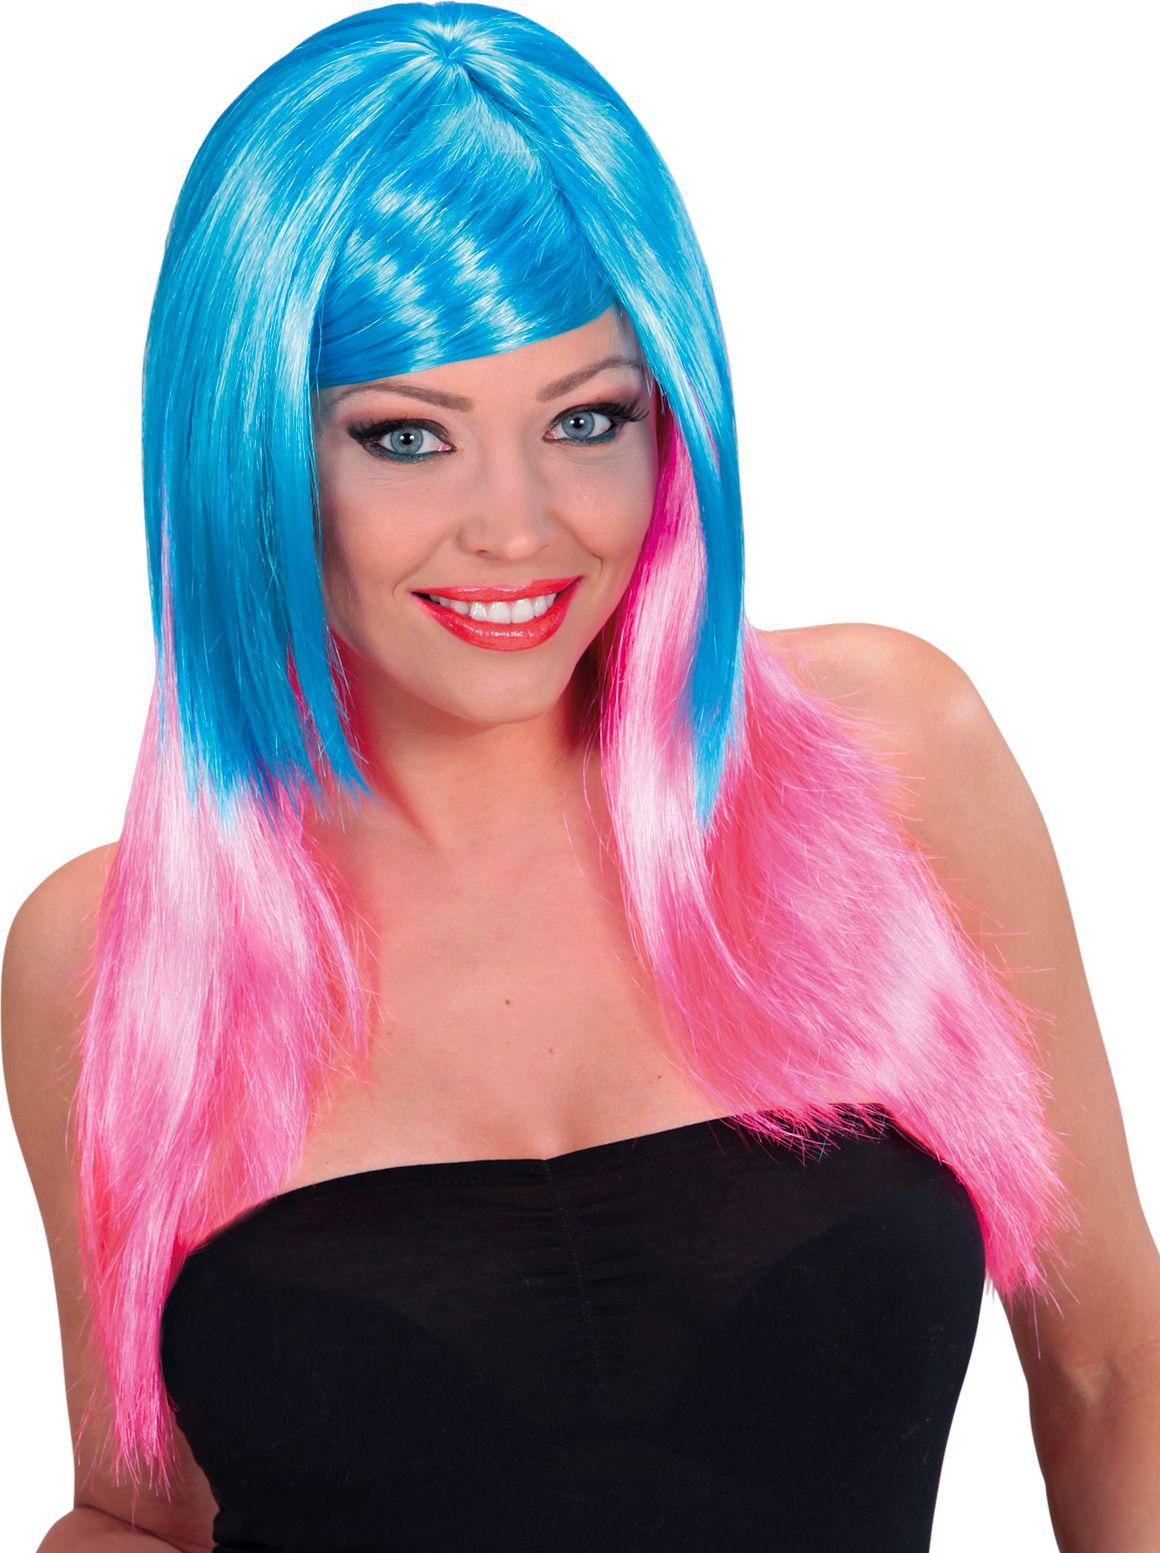 Blauw-roze pruik lang haar